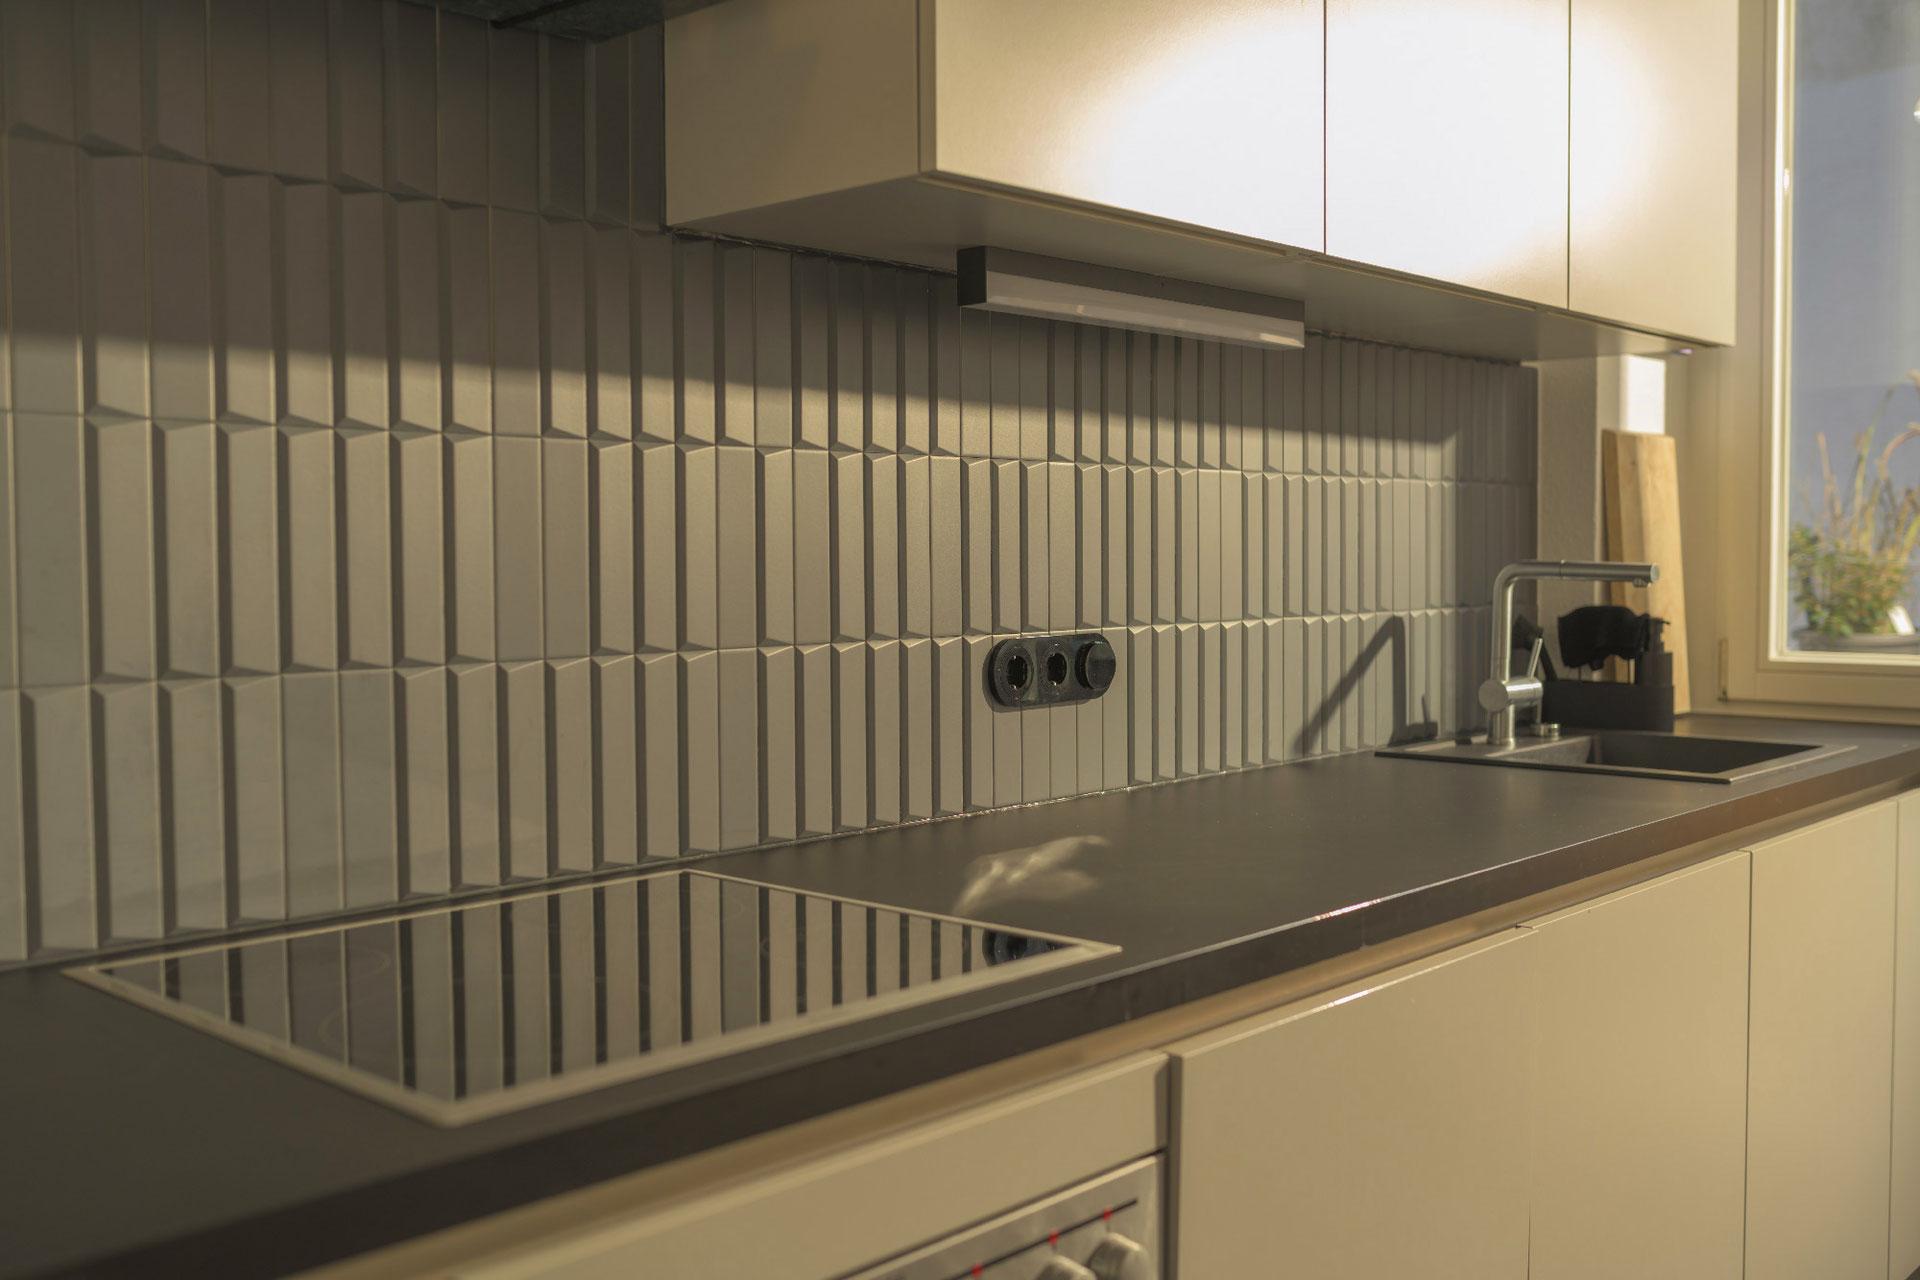 Full Size of Küchenwand Innovatives Design Matte 3d Kchenwand Fliesen In Dunkelgrau Wohnzimmer Küchenwand